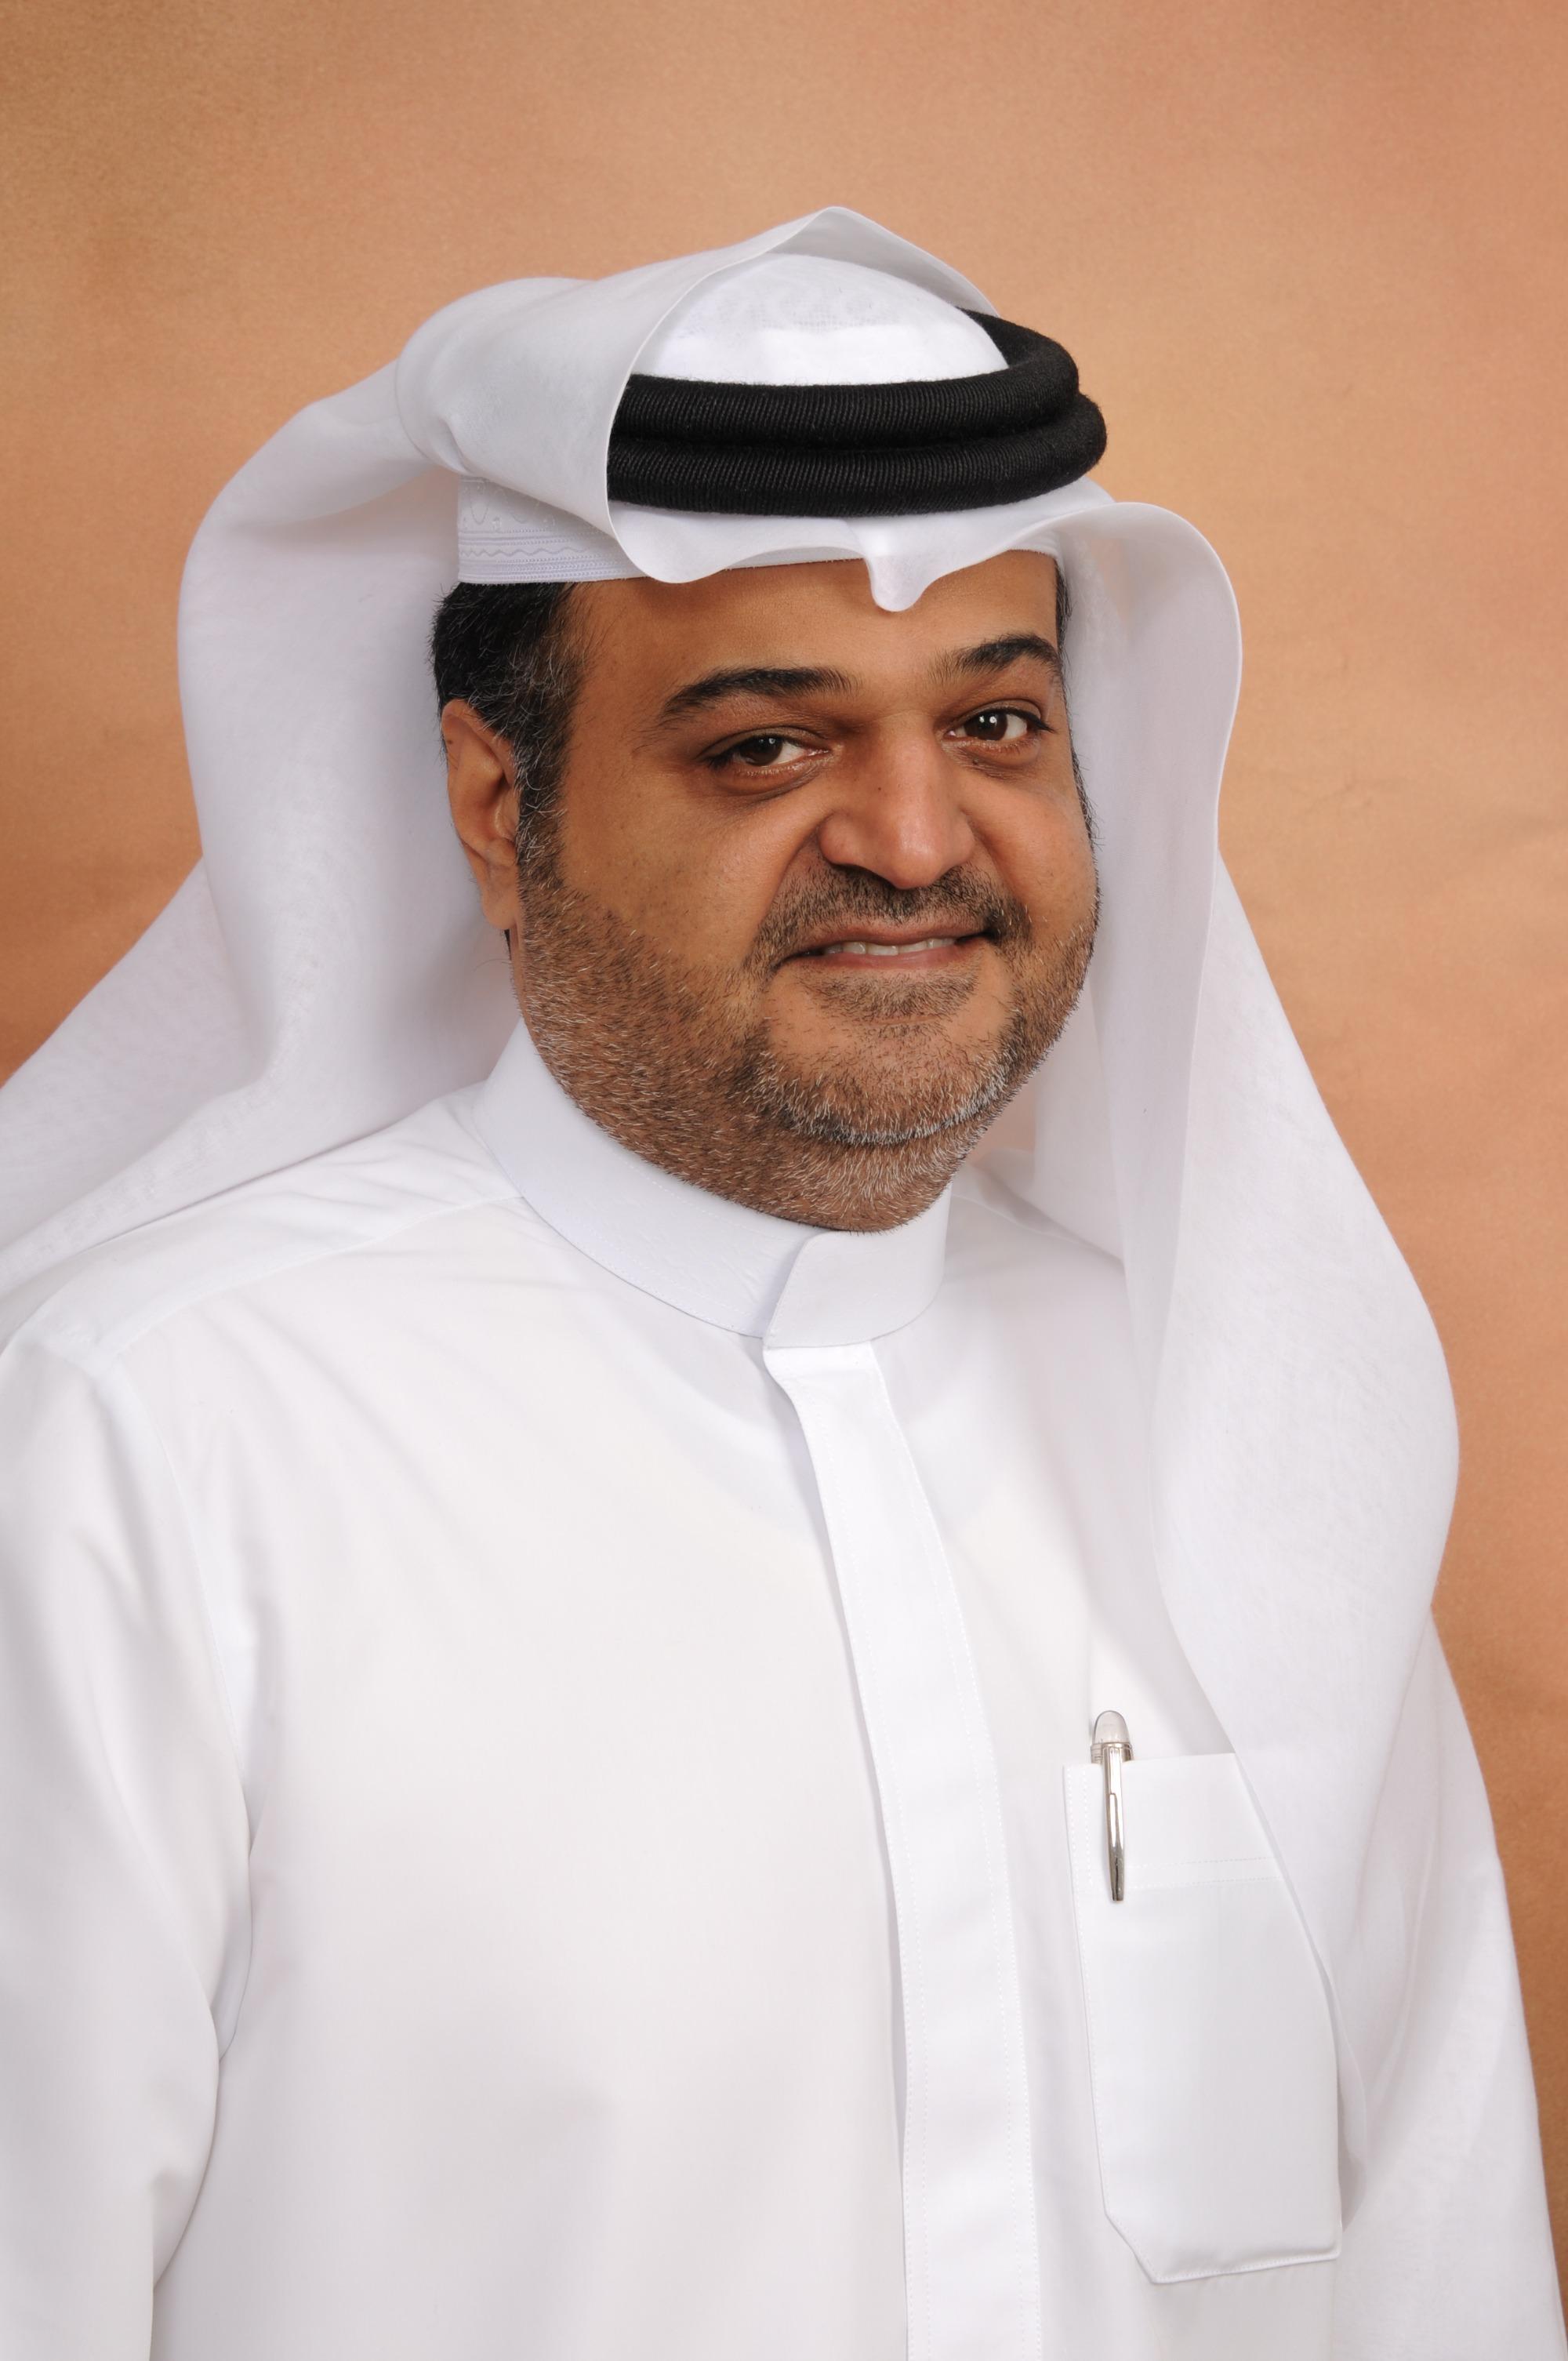 نائب الرئيس التنفيذي لهيئة تنظيم سوق العمل لقطاع العمليات